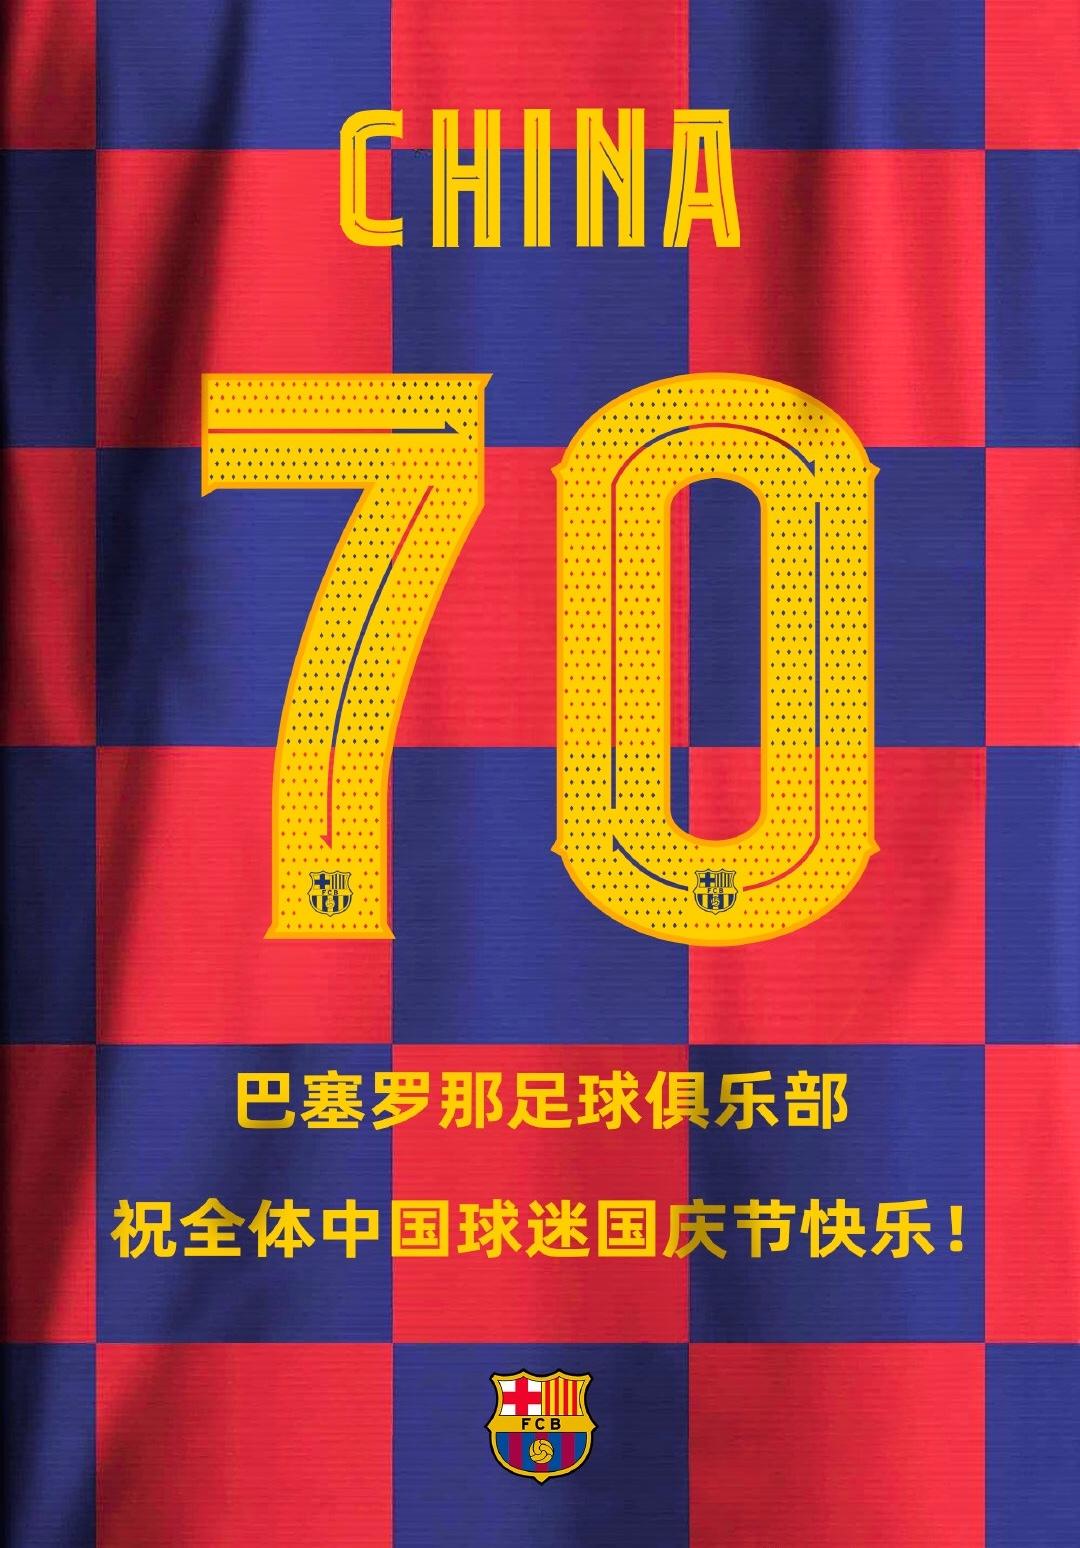 国庆快乐!巴萨、国米等俱乐部为中国球迷送祝愿